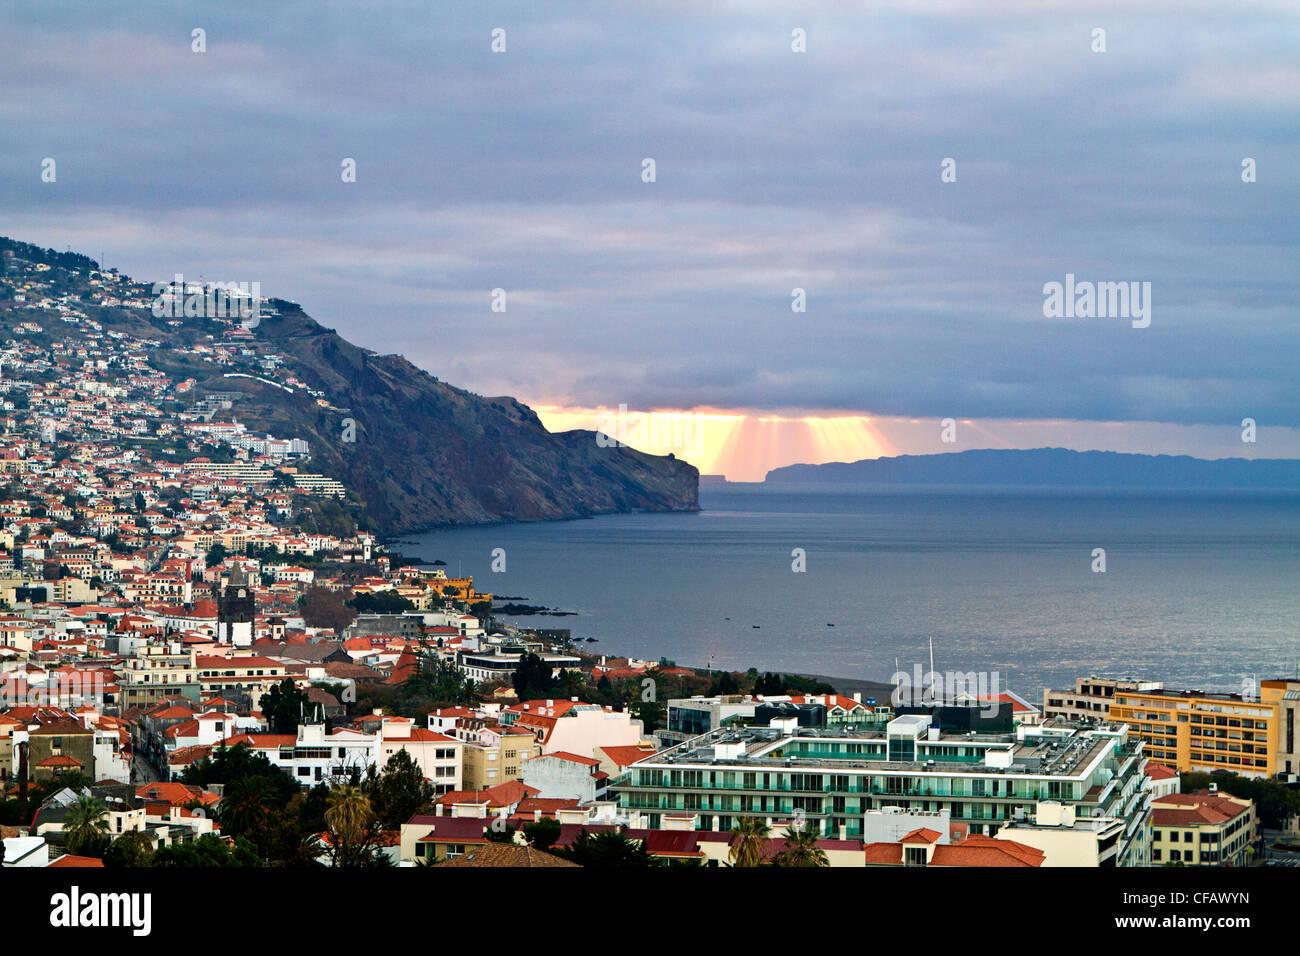 Funchal, Madeira - Stock Image